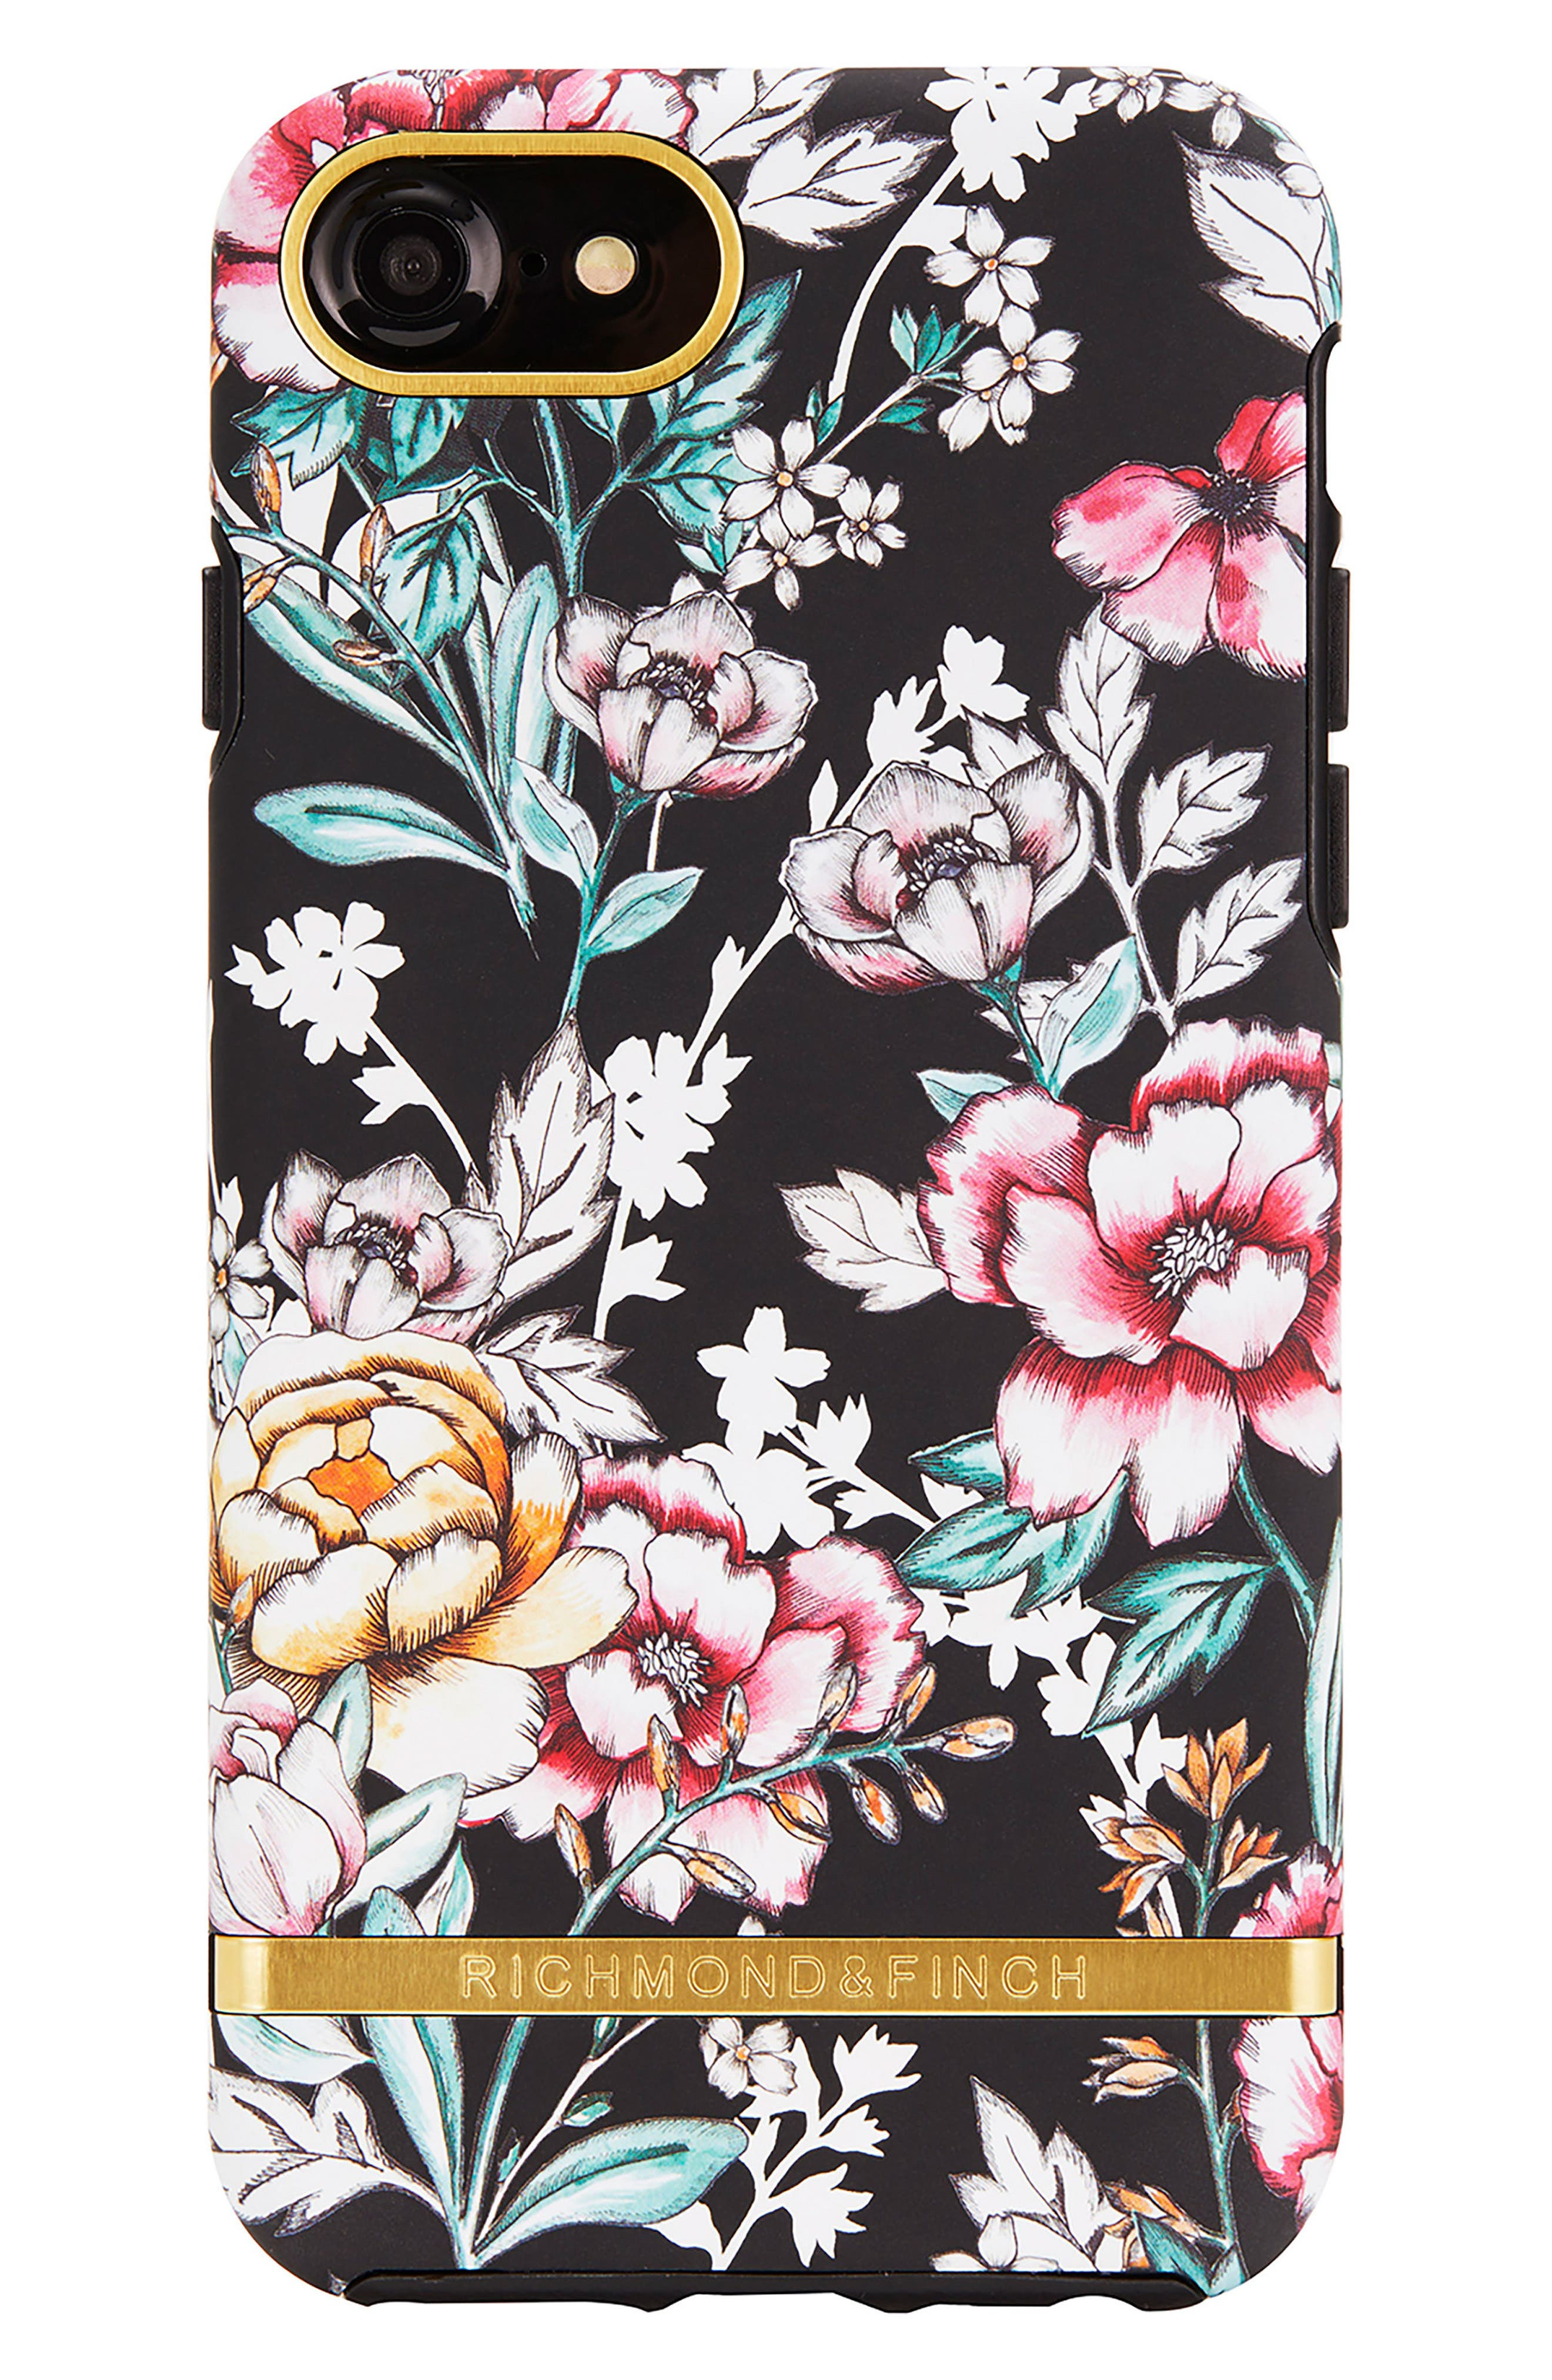 Richmond & Finch Floral Print iPhone 6/6s/7/8 & 6/6s/7/8 Plus Case,                         Main,                         color, Black Floral